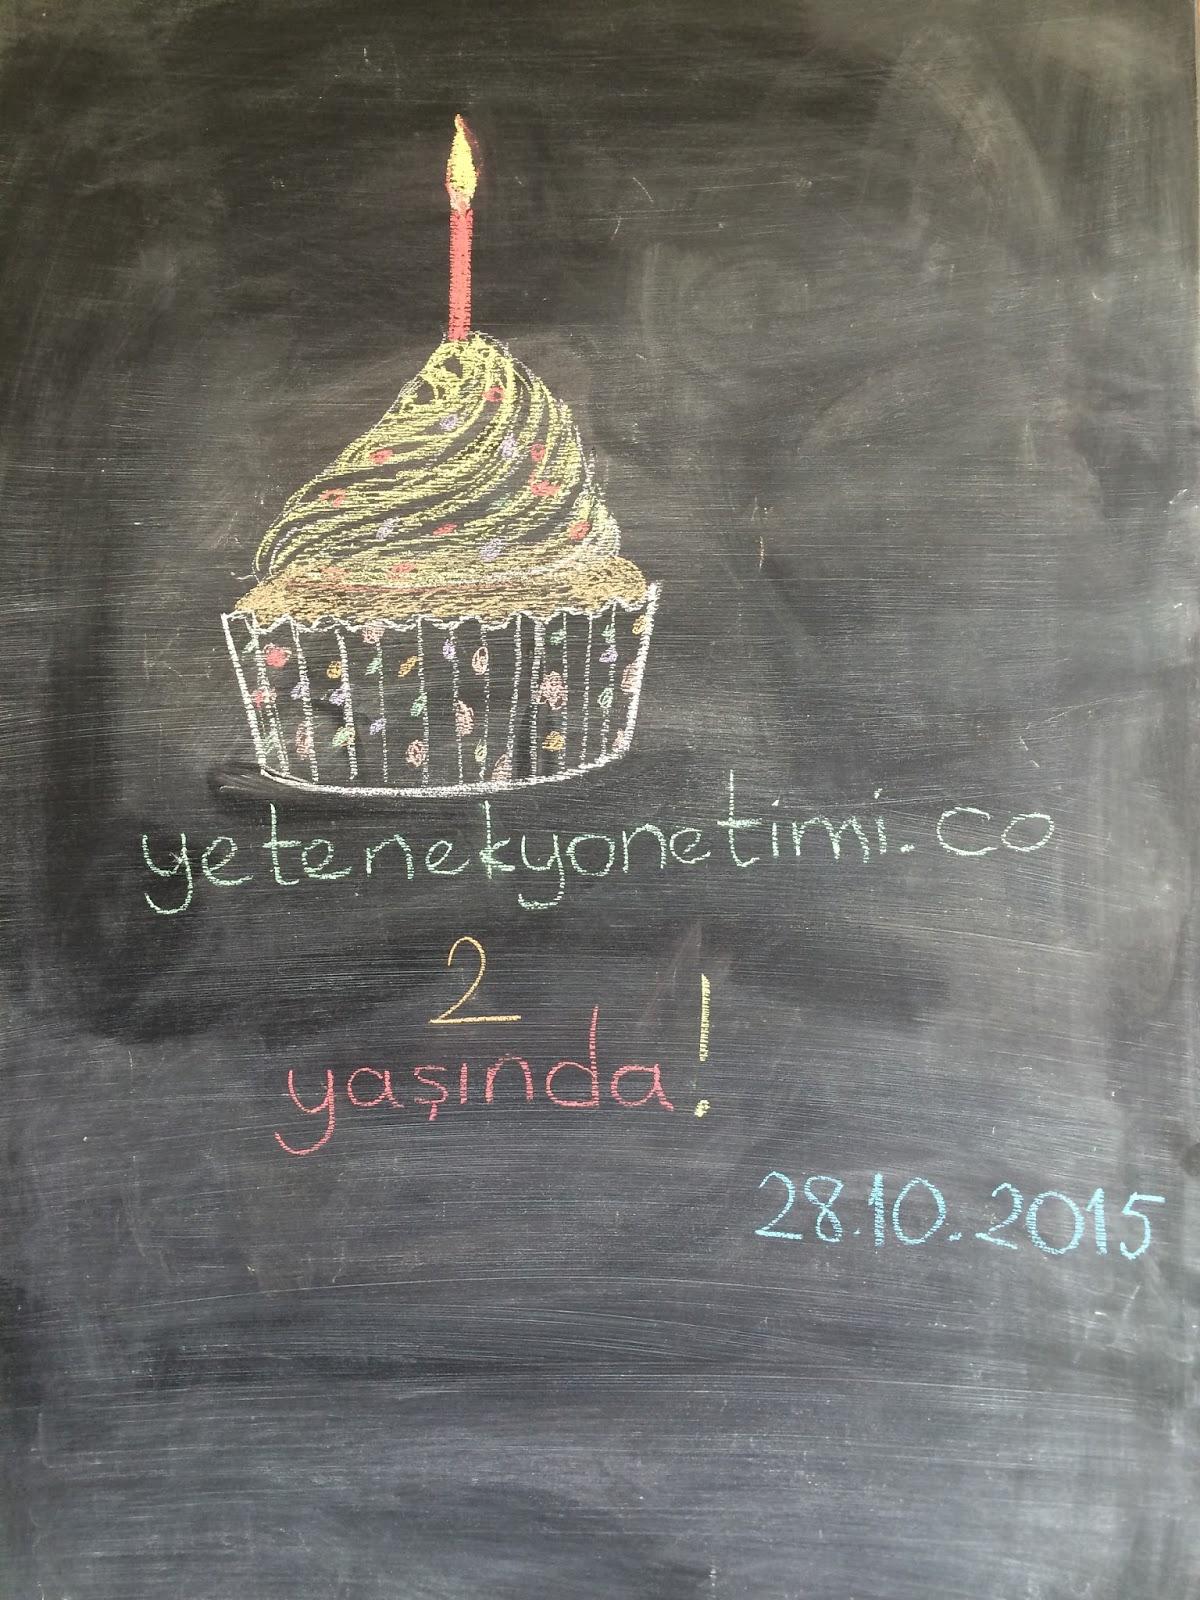 Yetenek Yonetimi Blogu 2 Yasinda!